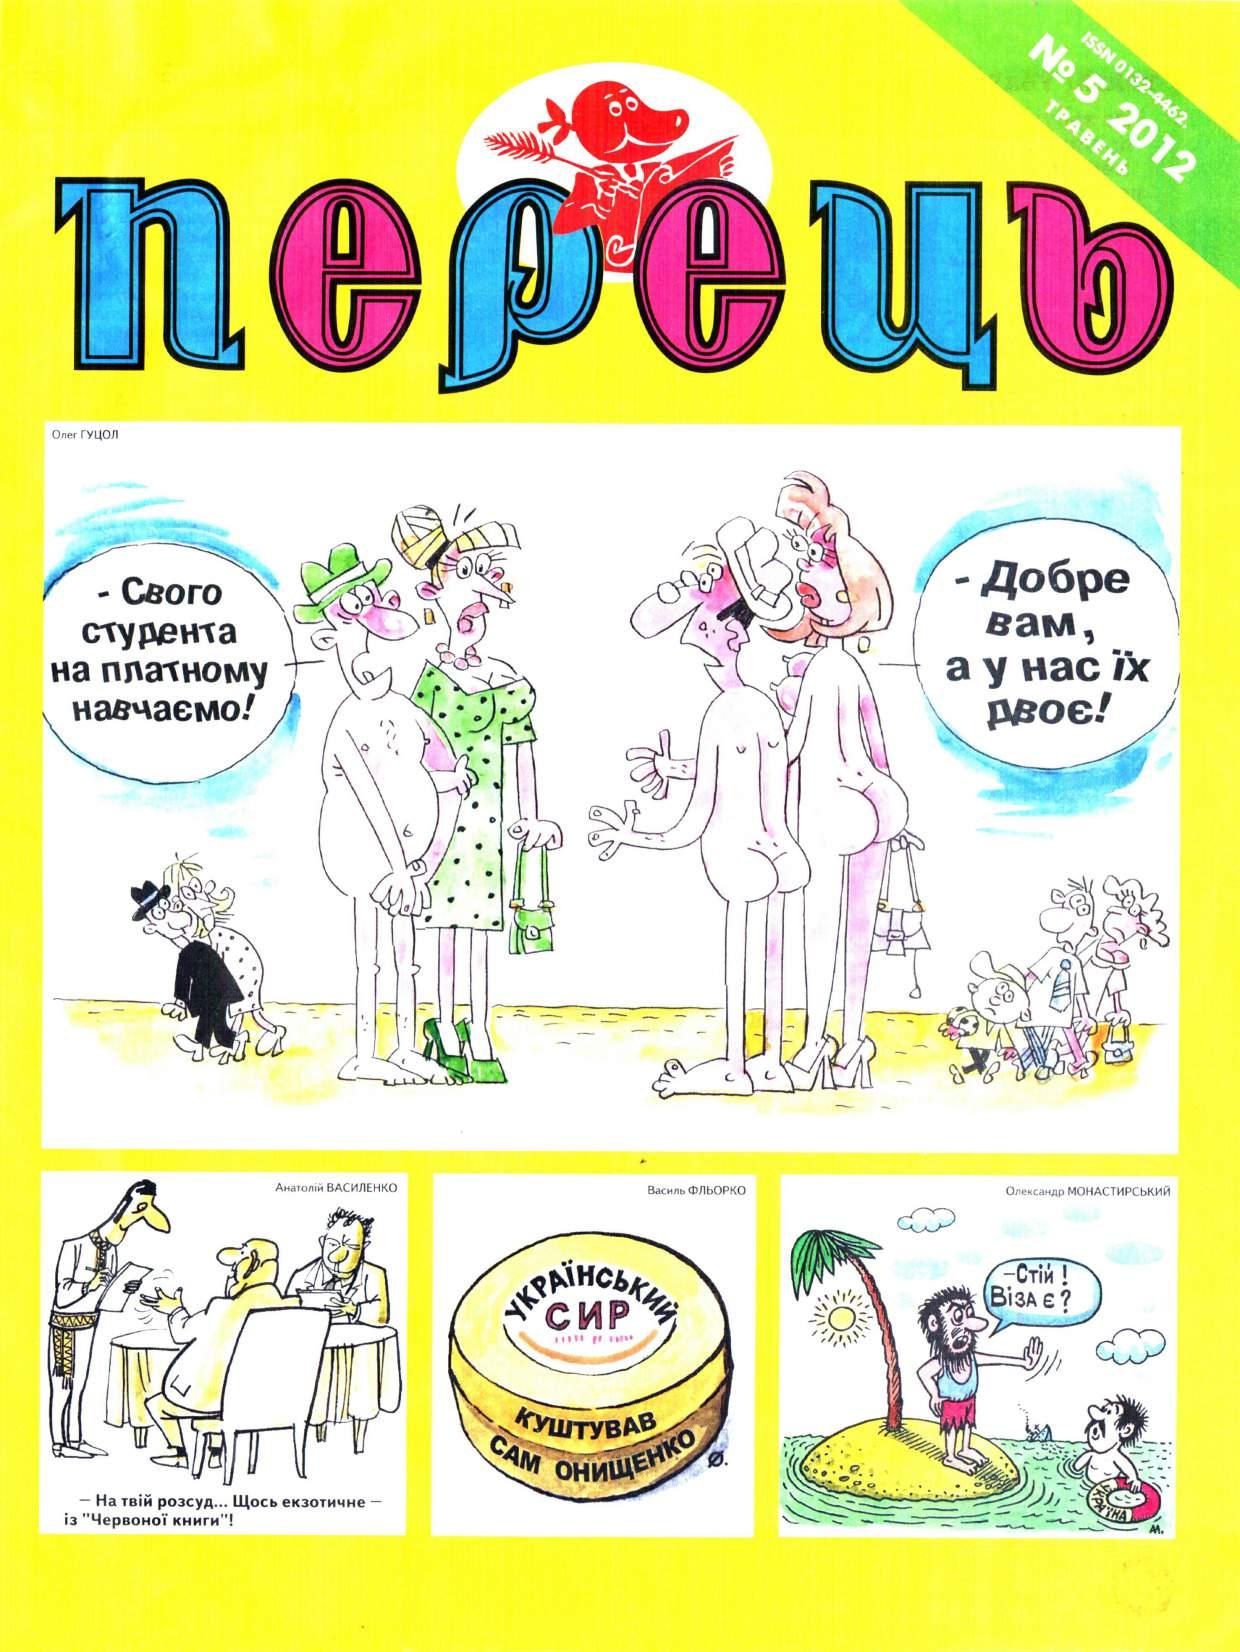 Журнал перець 2012 №05